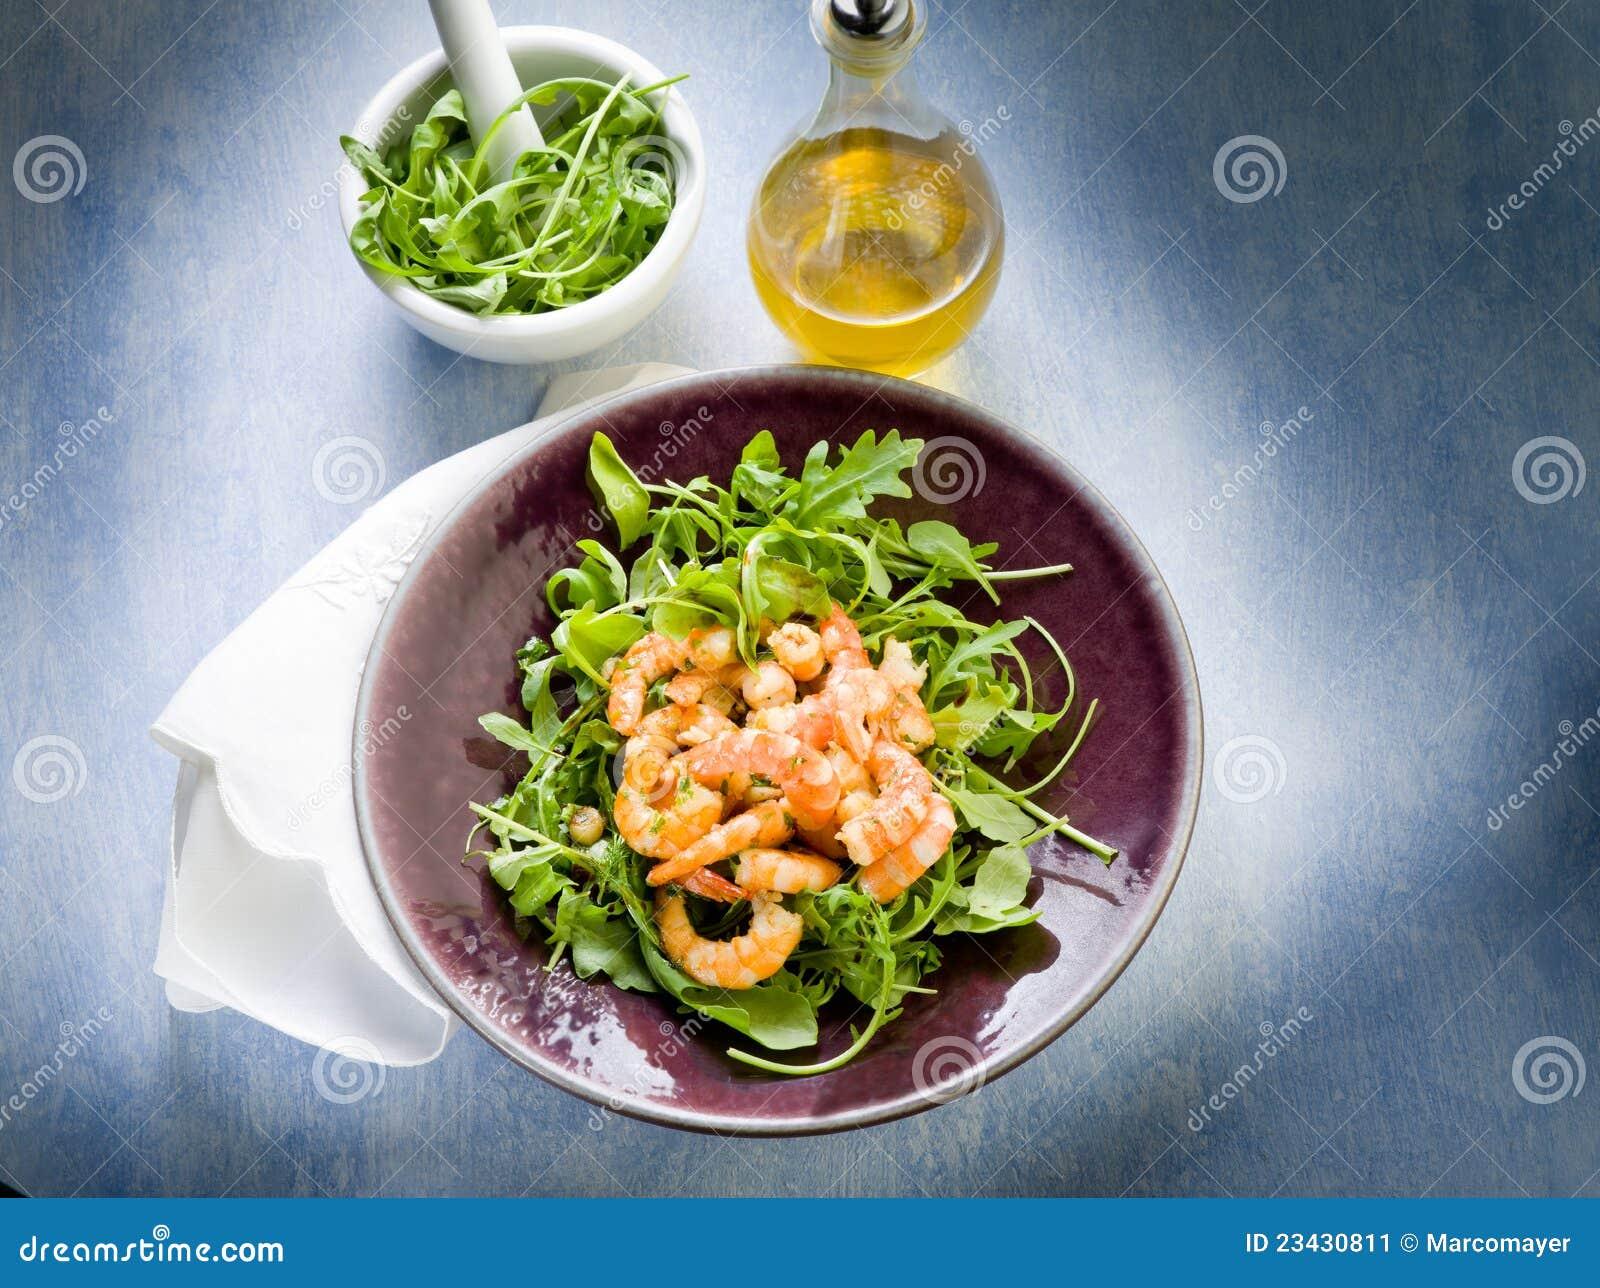 Shrimp salad with arugula olive oil and balsamic vinegar.